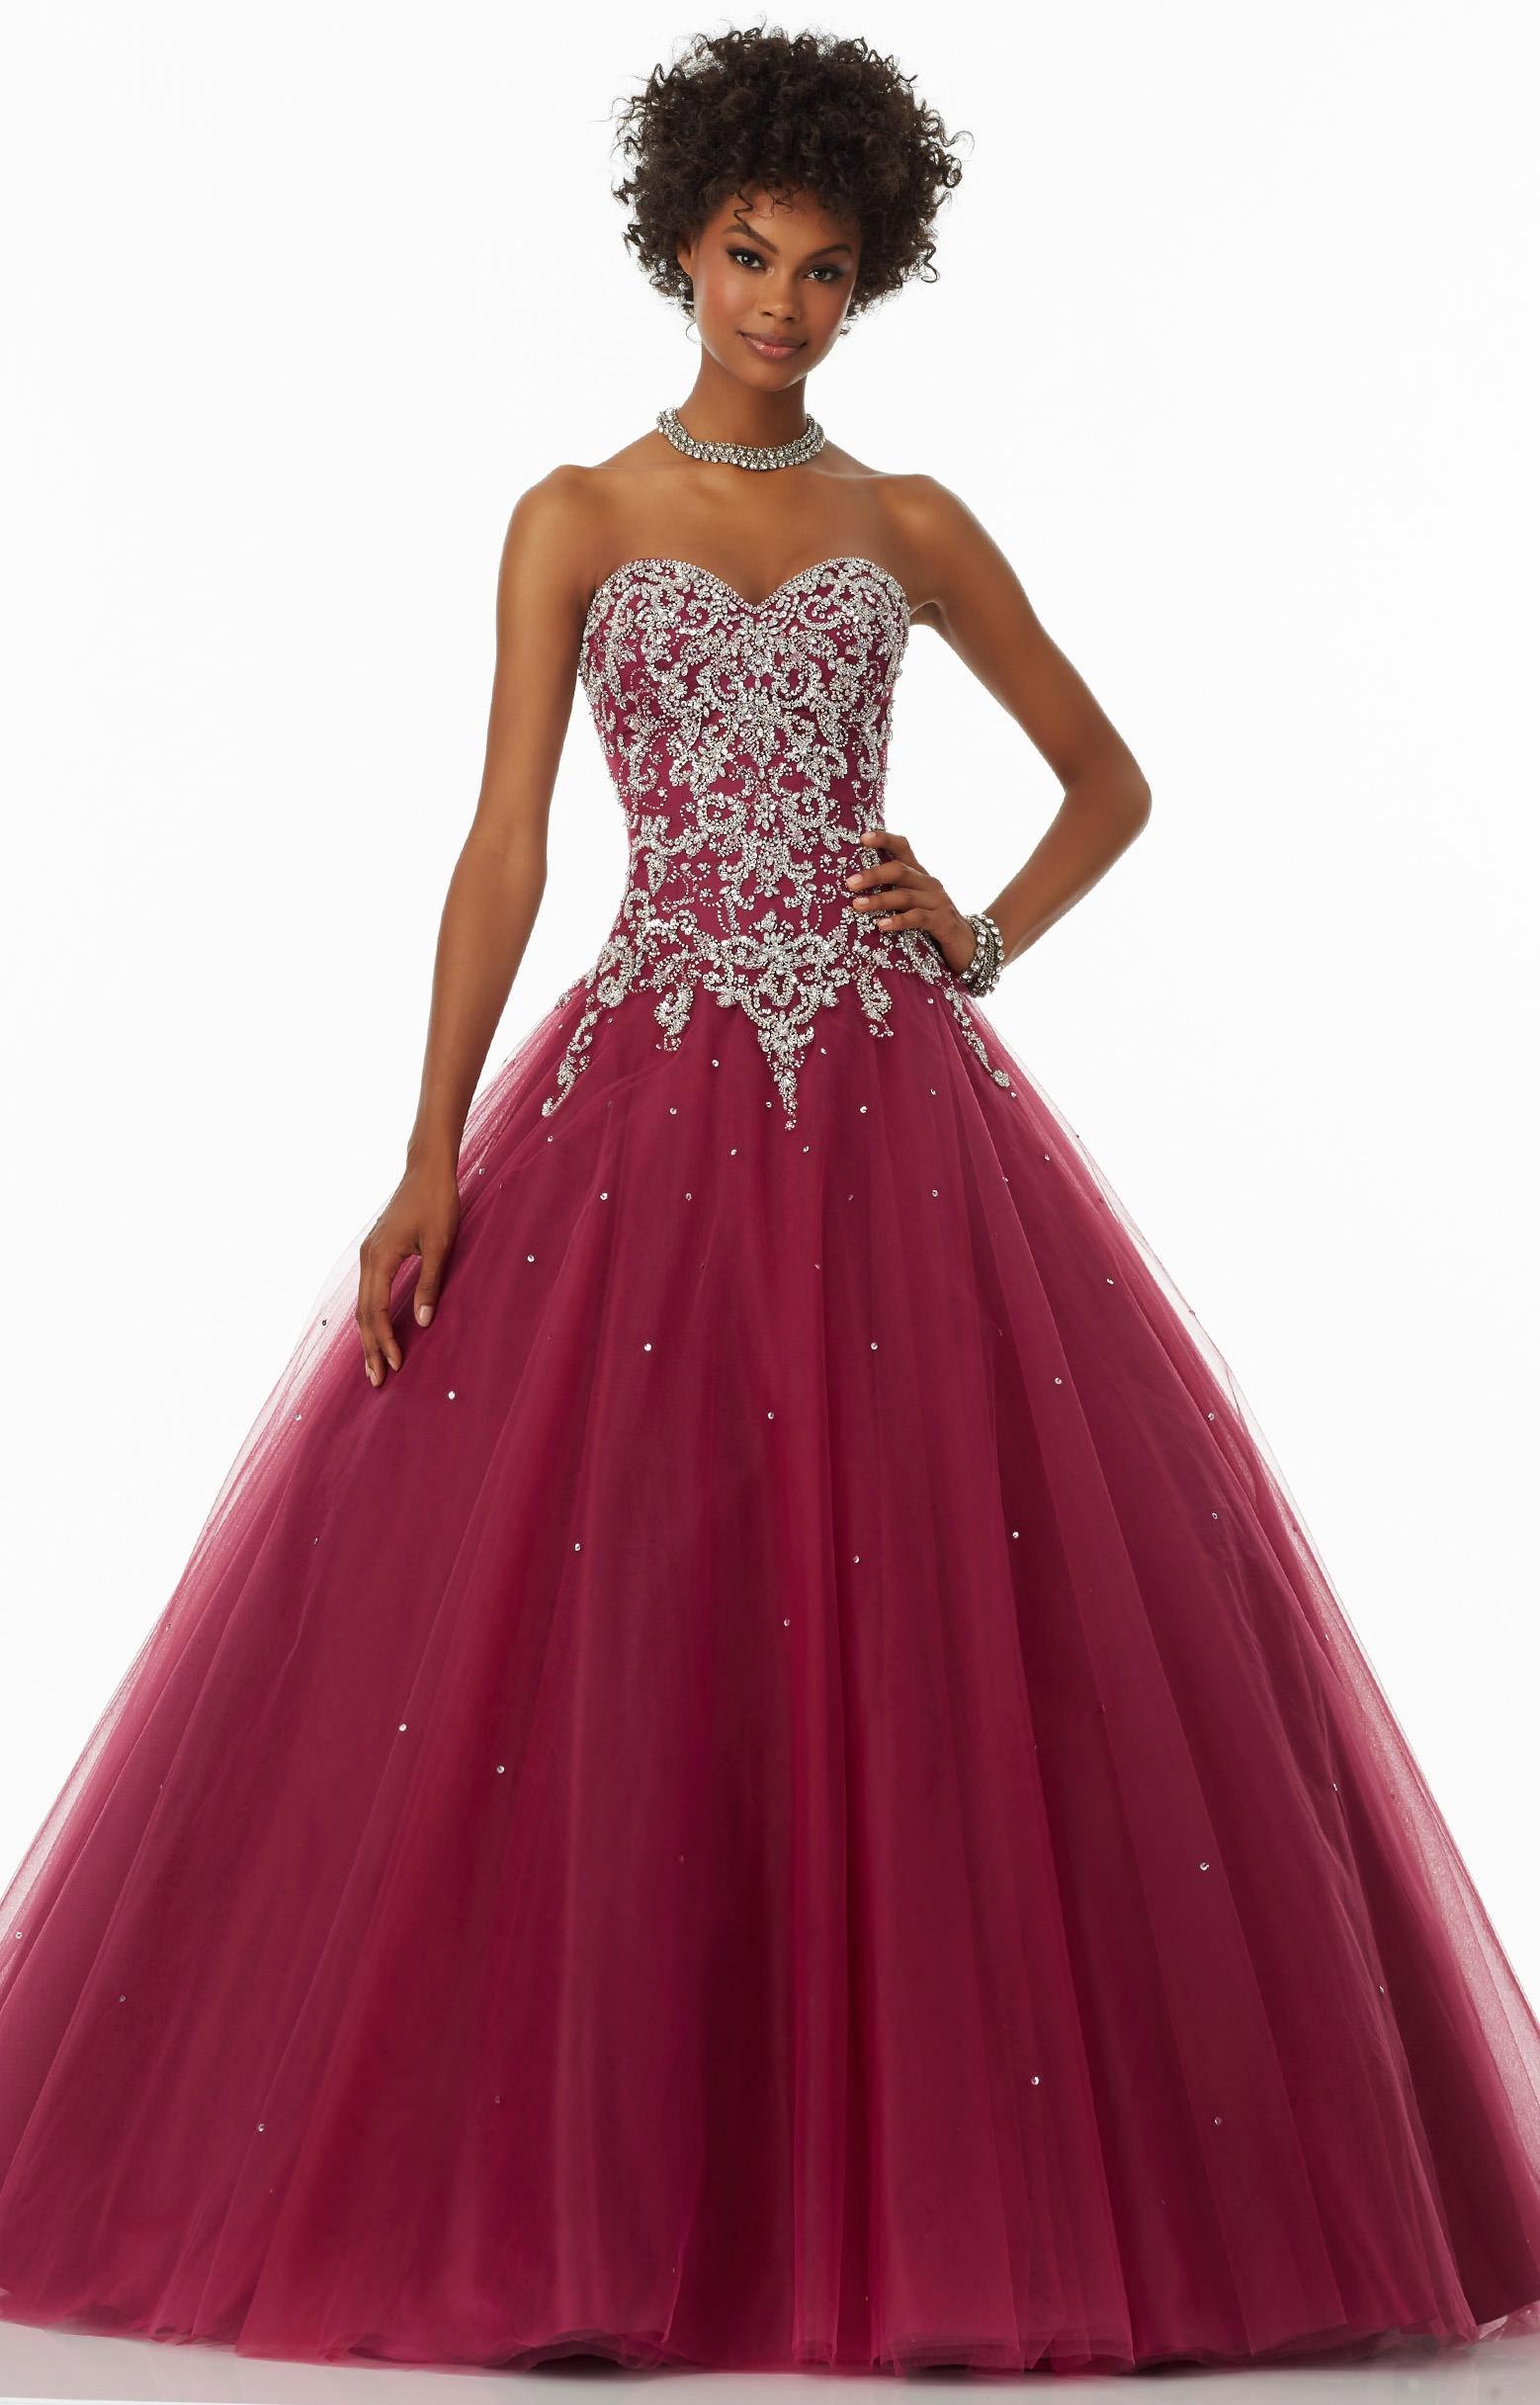 Mori Lee Prom 99054  Strapless Sweetheart Neckline Full Ball Gown Dress Prom Dress